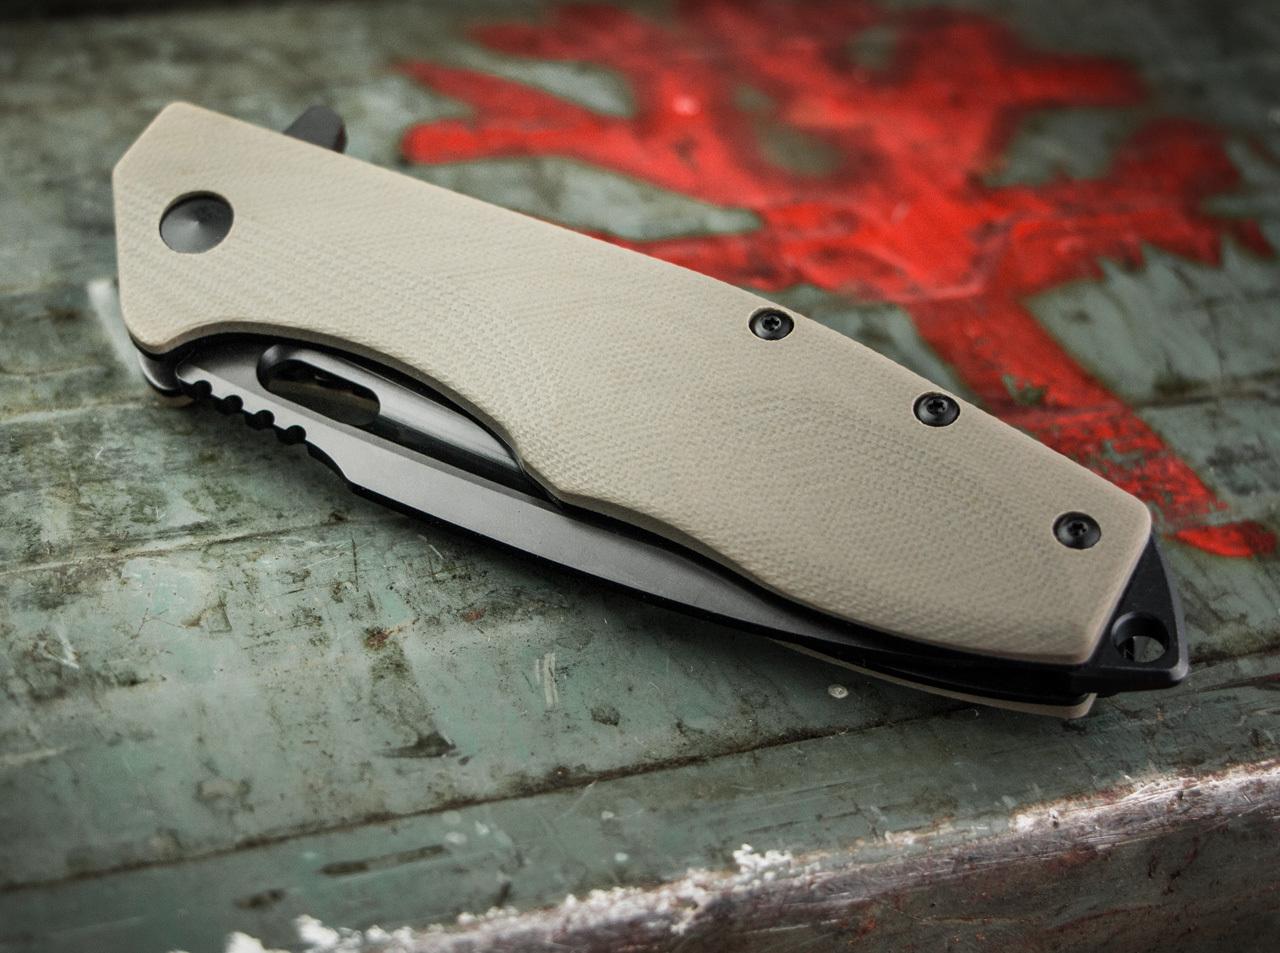 Фото 8 - Нож складной Boker Plus Caracal Tactical, сталь D2 EDP Plain, рукоять стеклотекстолит G10, 01BO759